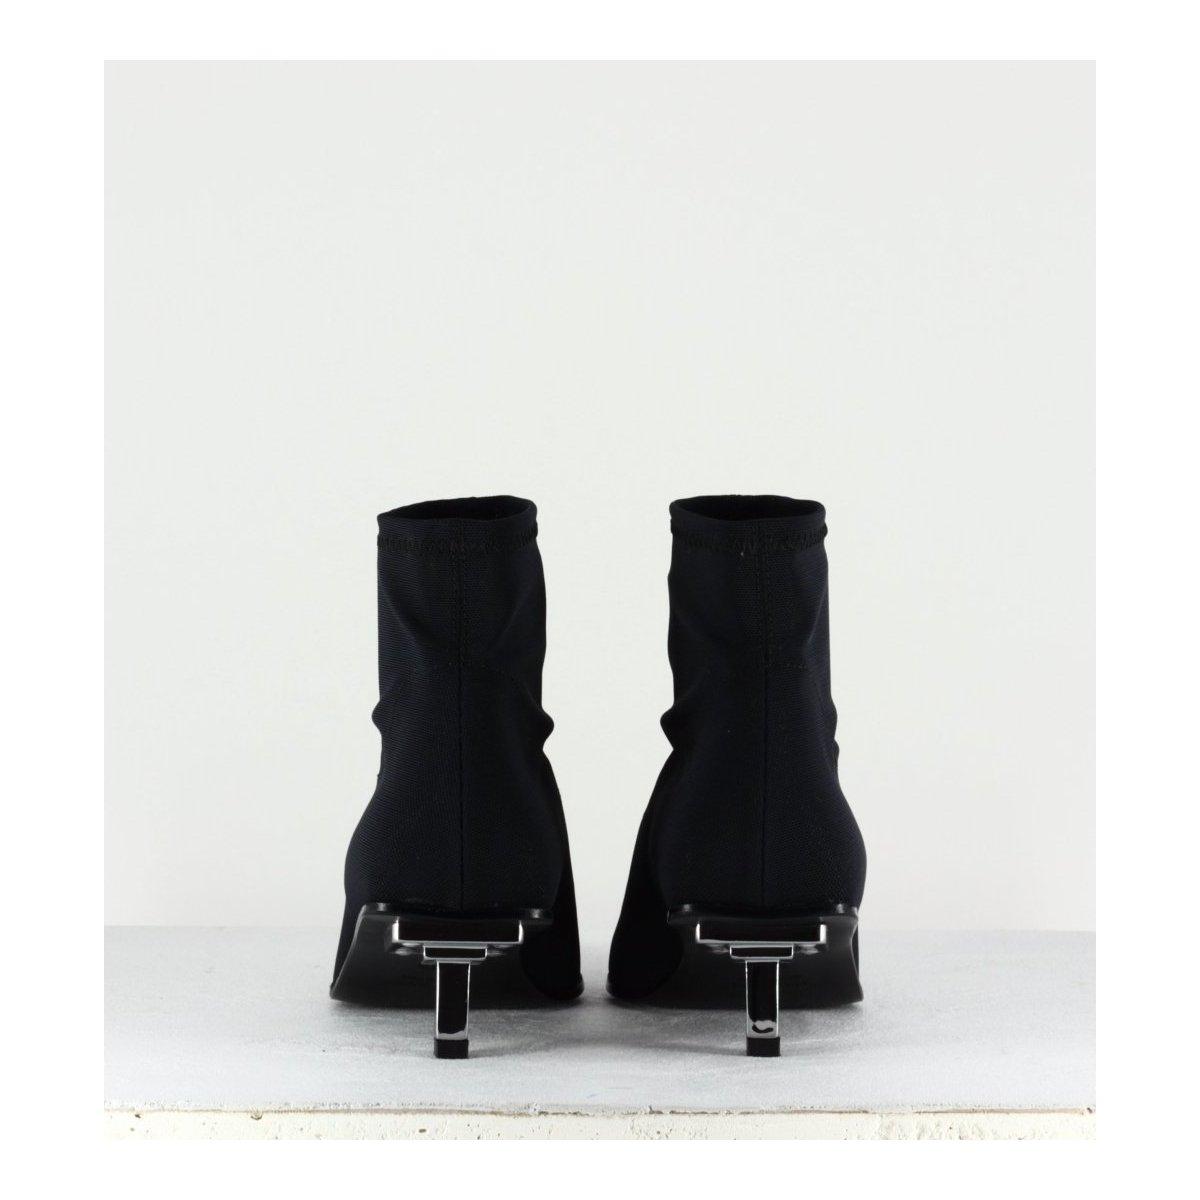 Bottines pointues en textile stretch noir Garrice Collection Fruit - 6269